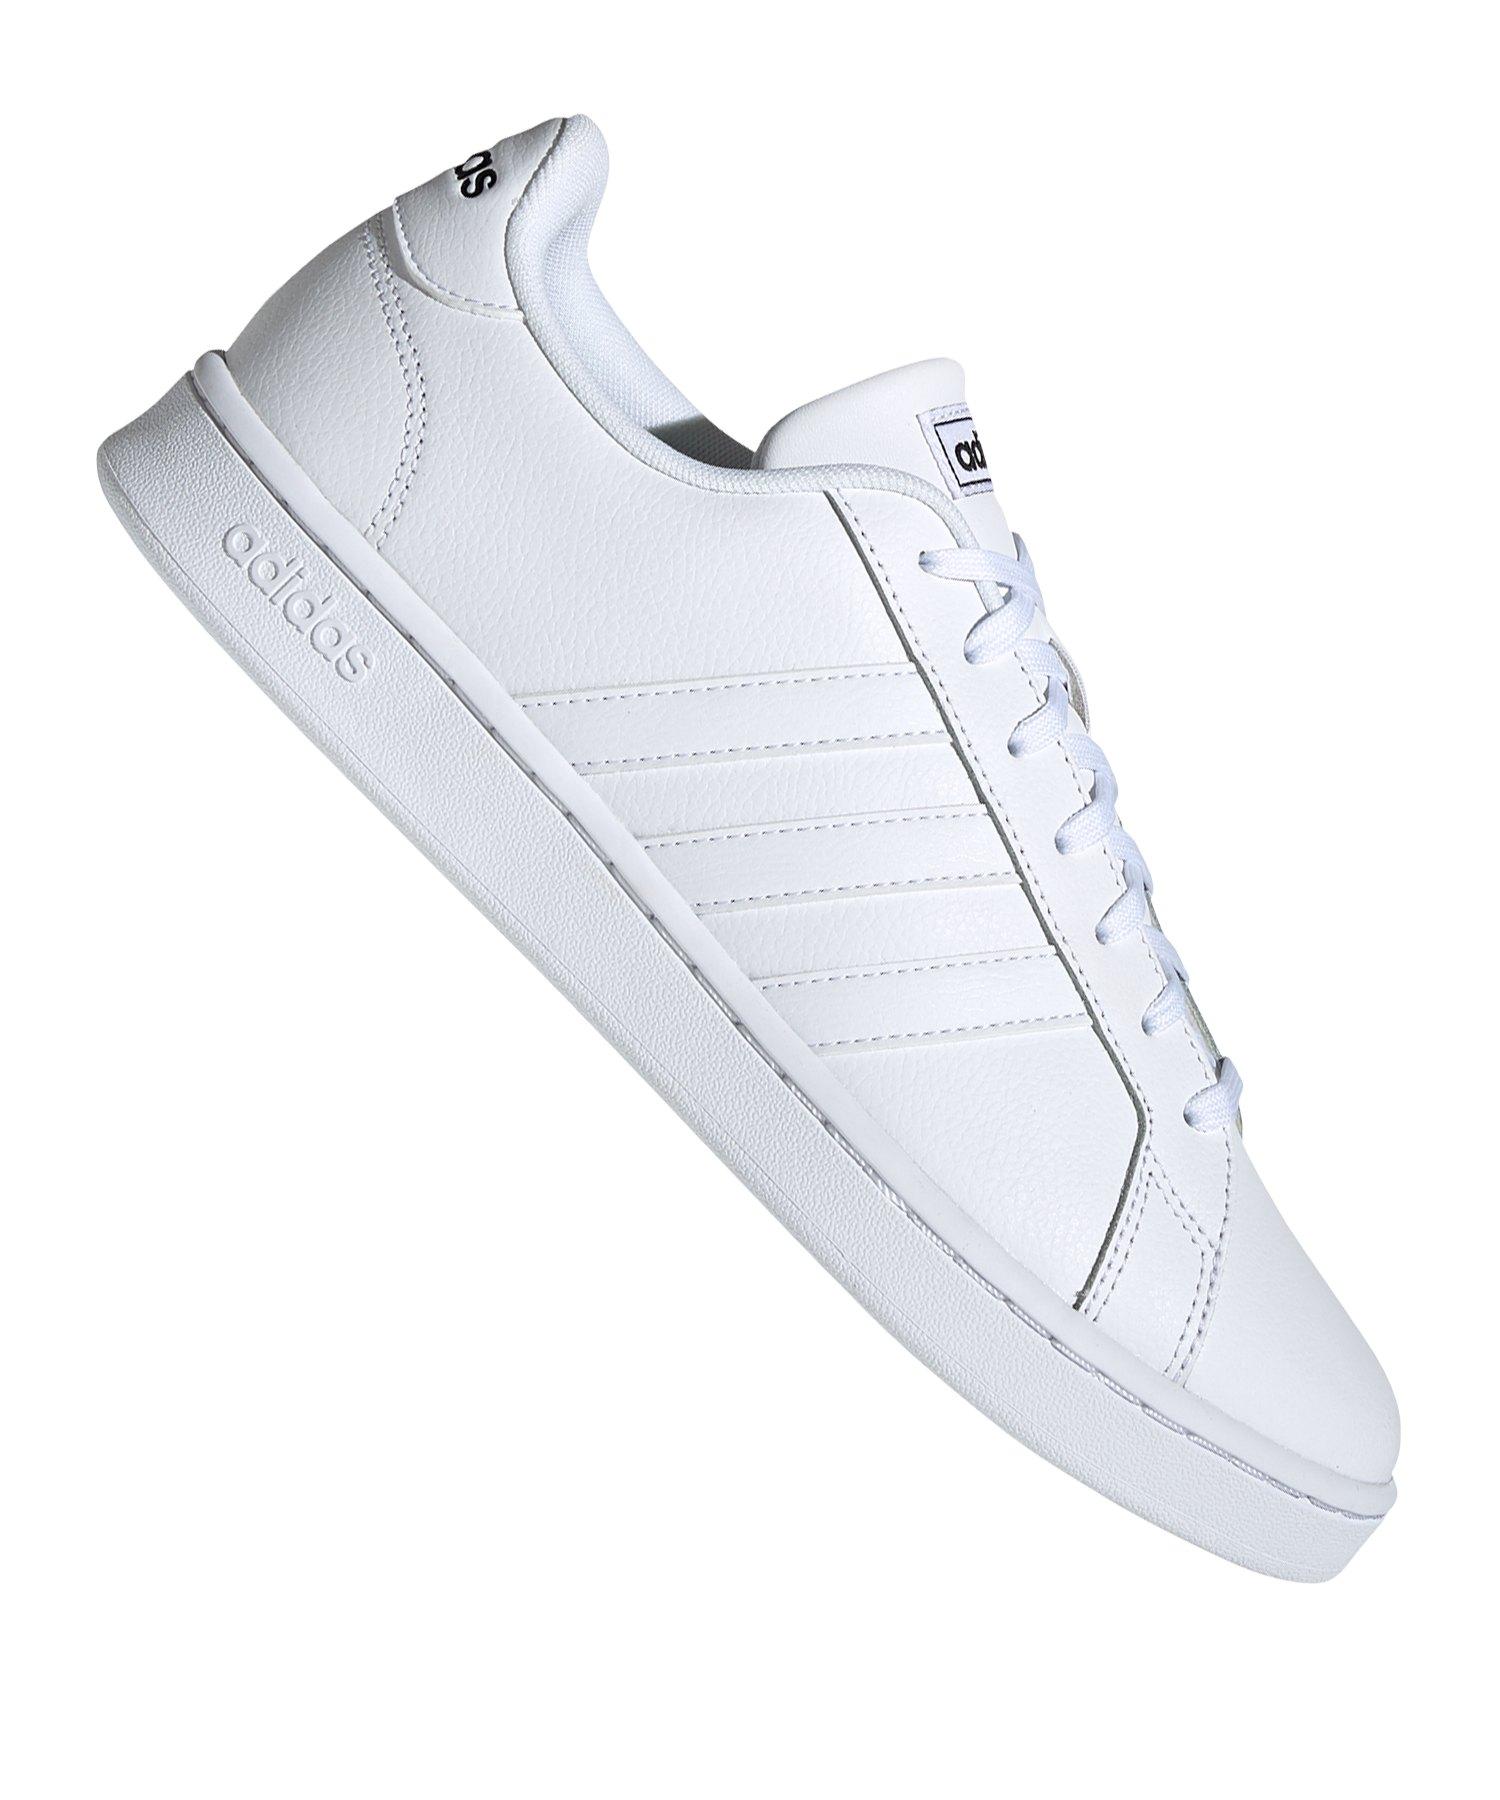 adidas schuhe adidas court grand schuhe court grand wOZnPX80kN